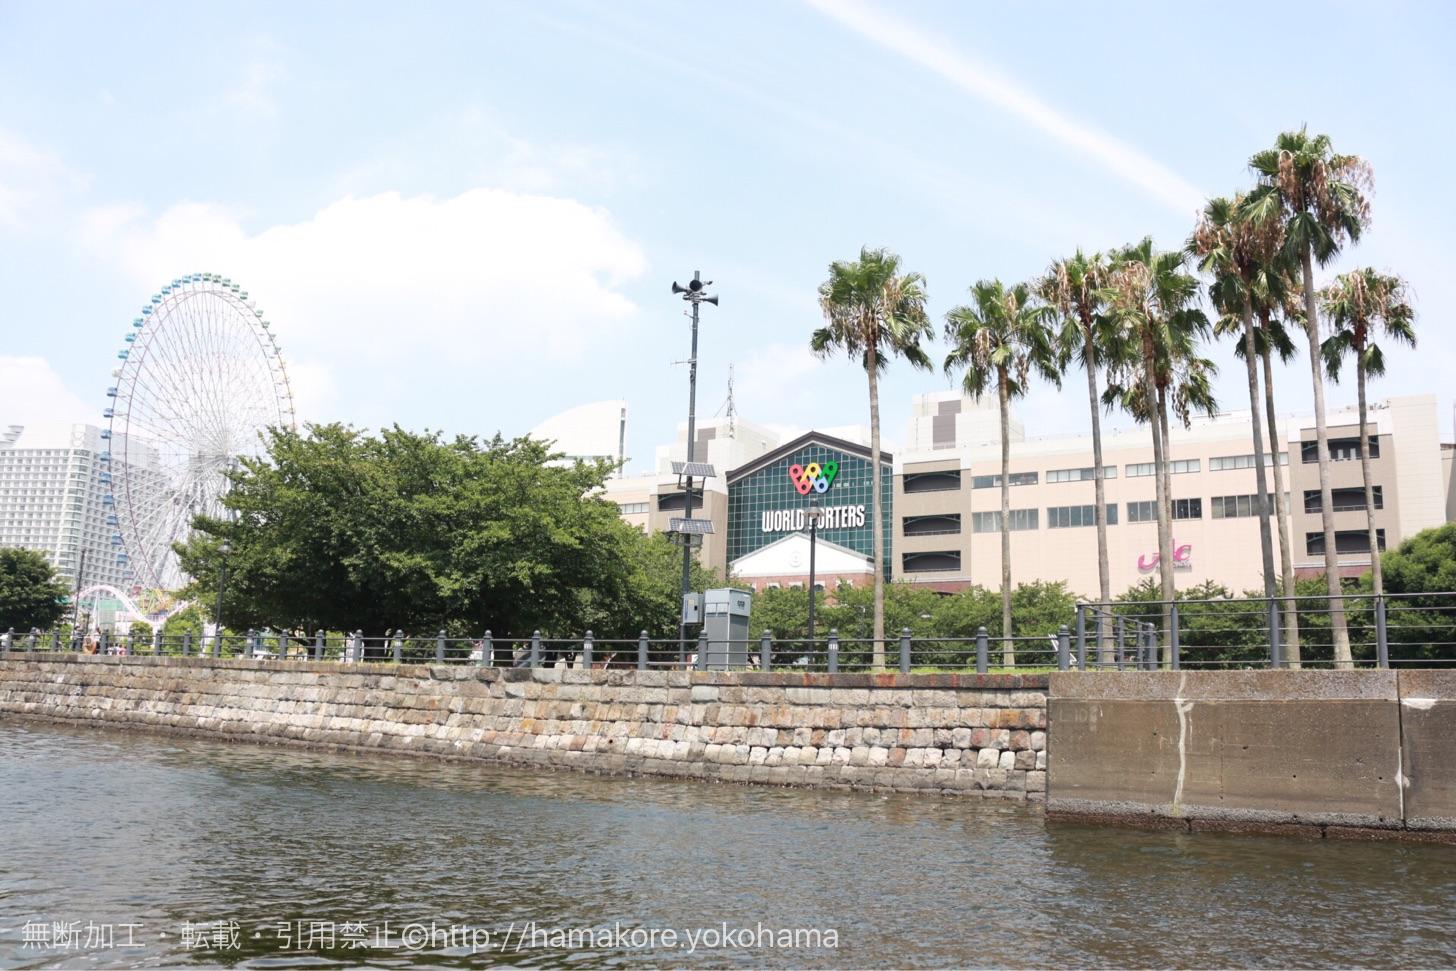 水陸両用バス「スカイダック」 水辺から見た横浜ワールドポーターズ